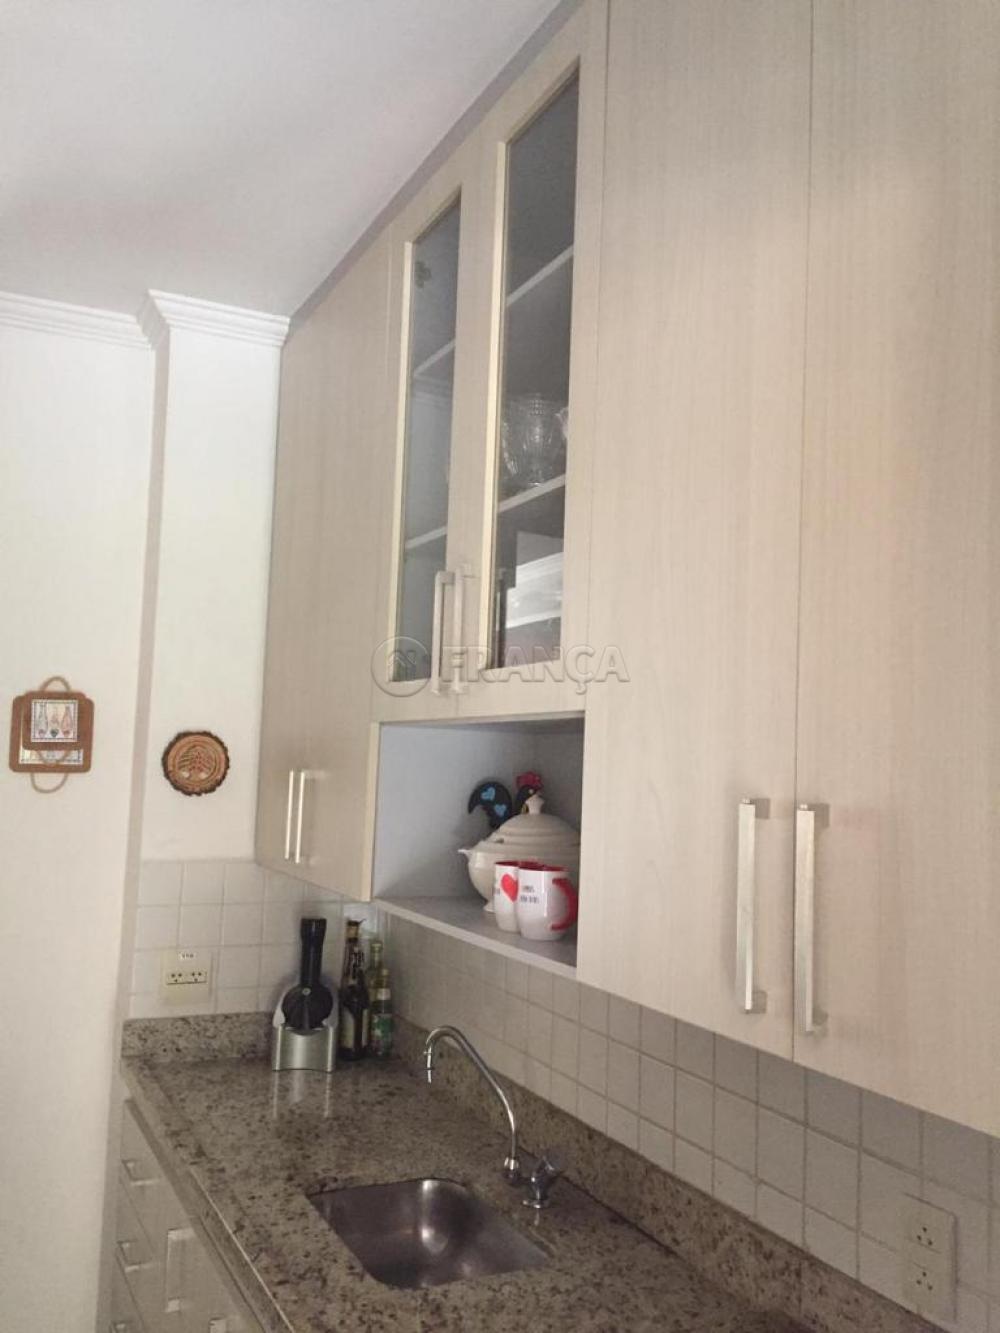 Comprar Casa / Condomínio em Jacareí R$ 540.600,00 - Foto 6